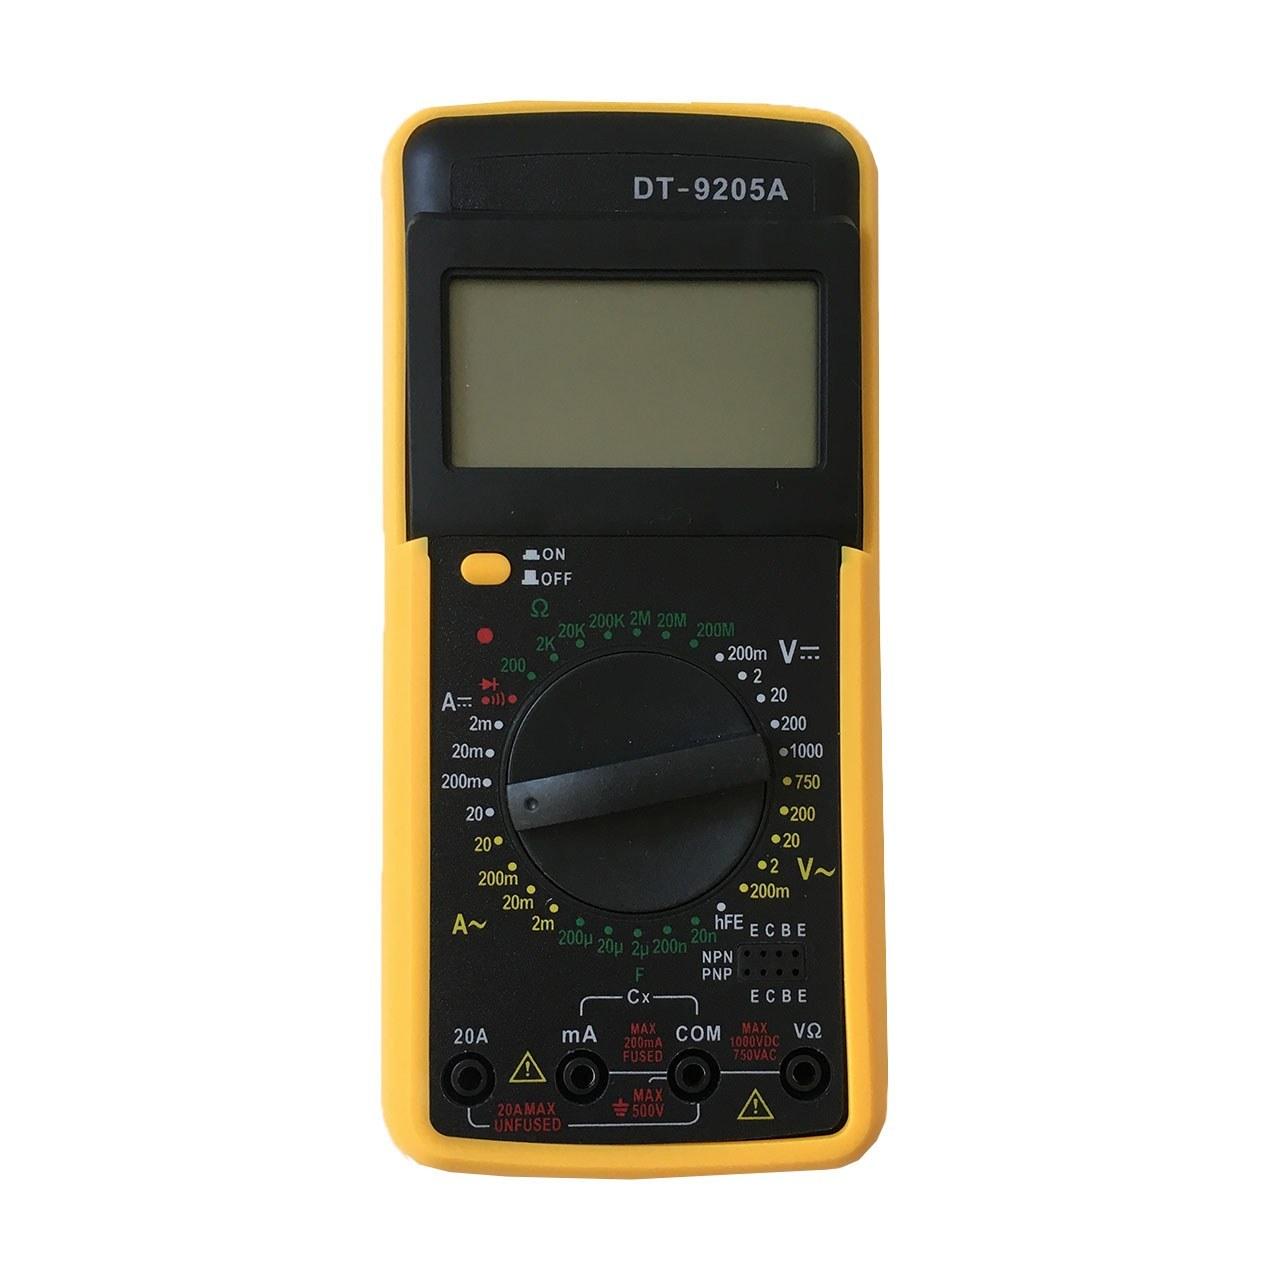 عکس مولتی متر دیجیتال مدل DT9205A  مولتی-متر-دیجیتال-مدل-dt9205a